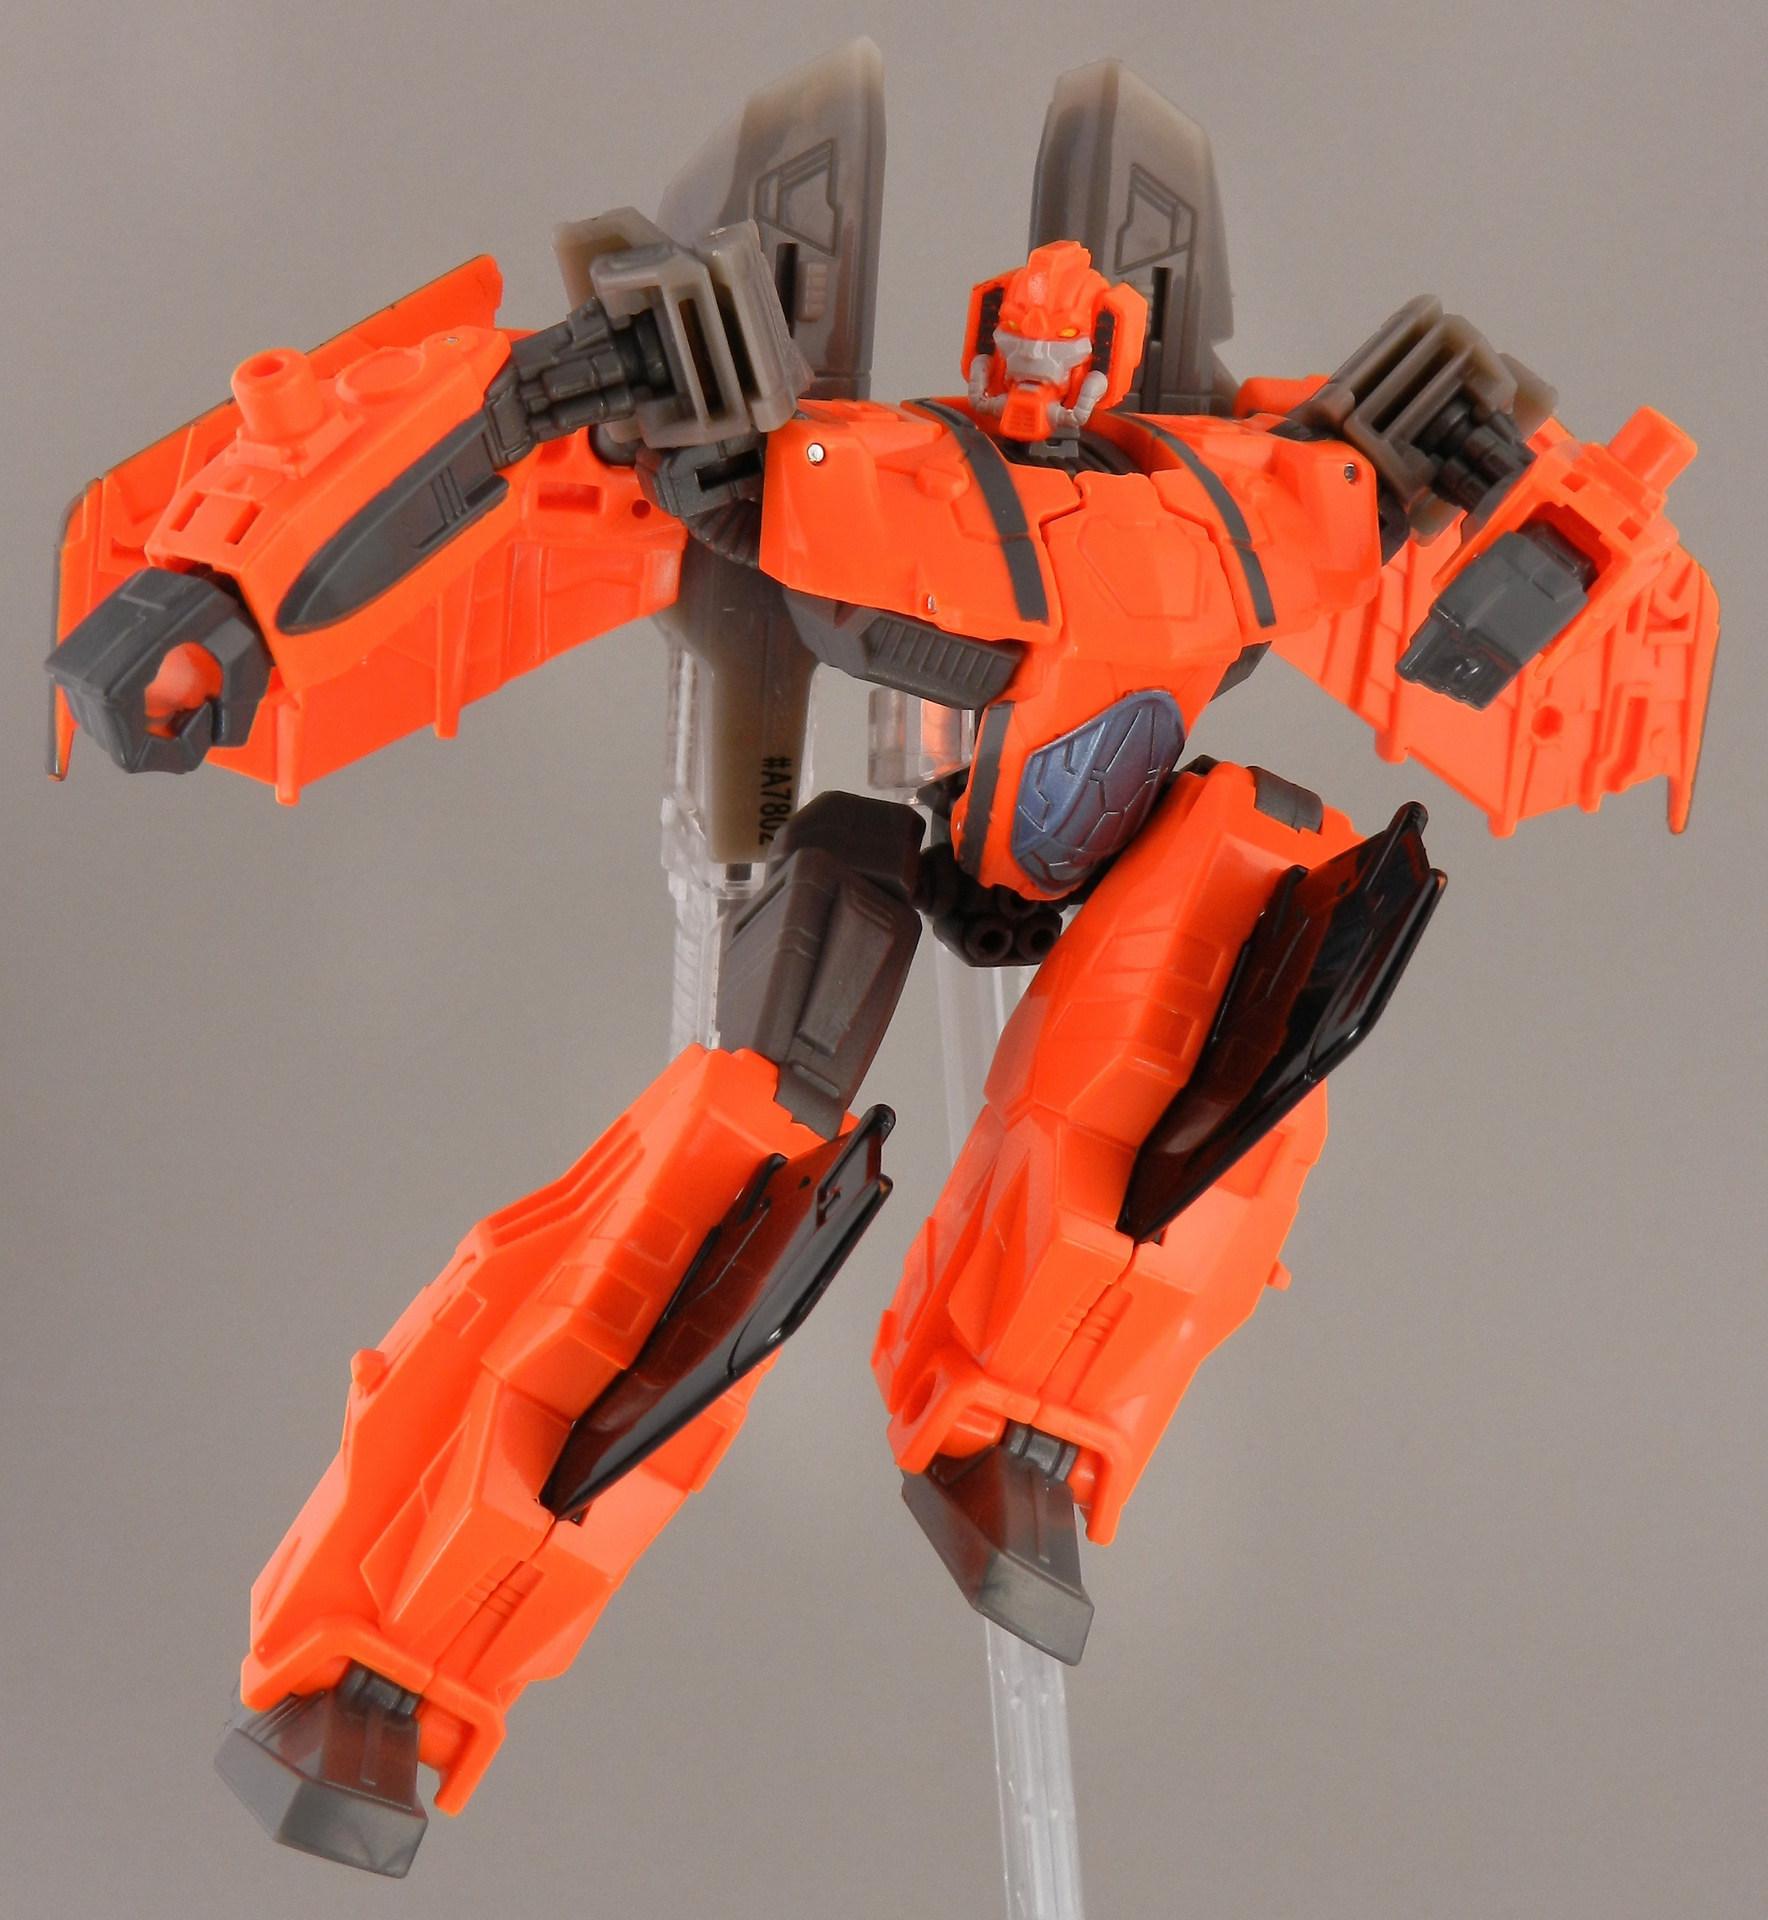 jhiaxus-robot-20-jpg